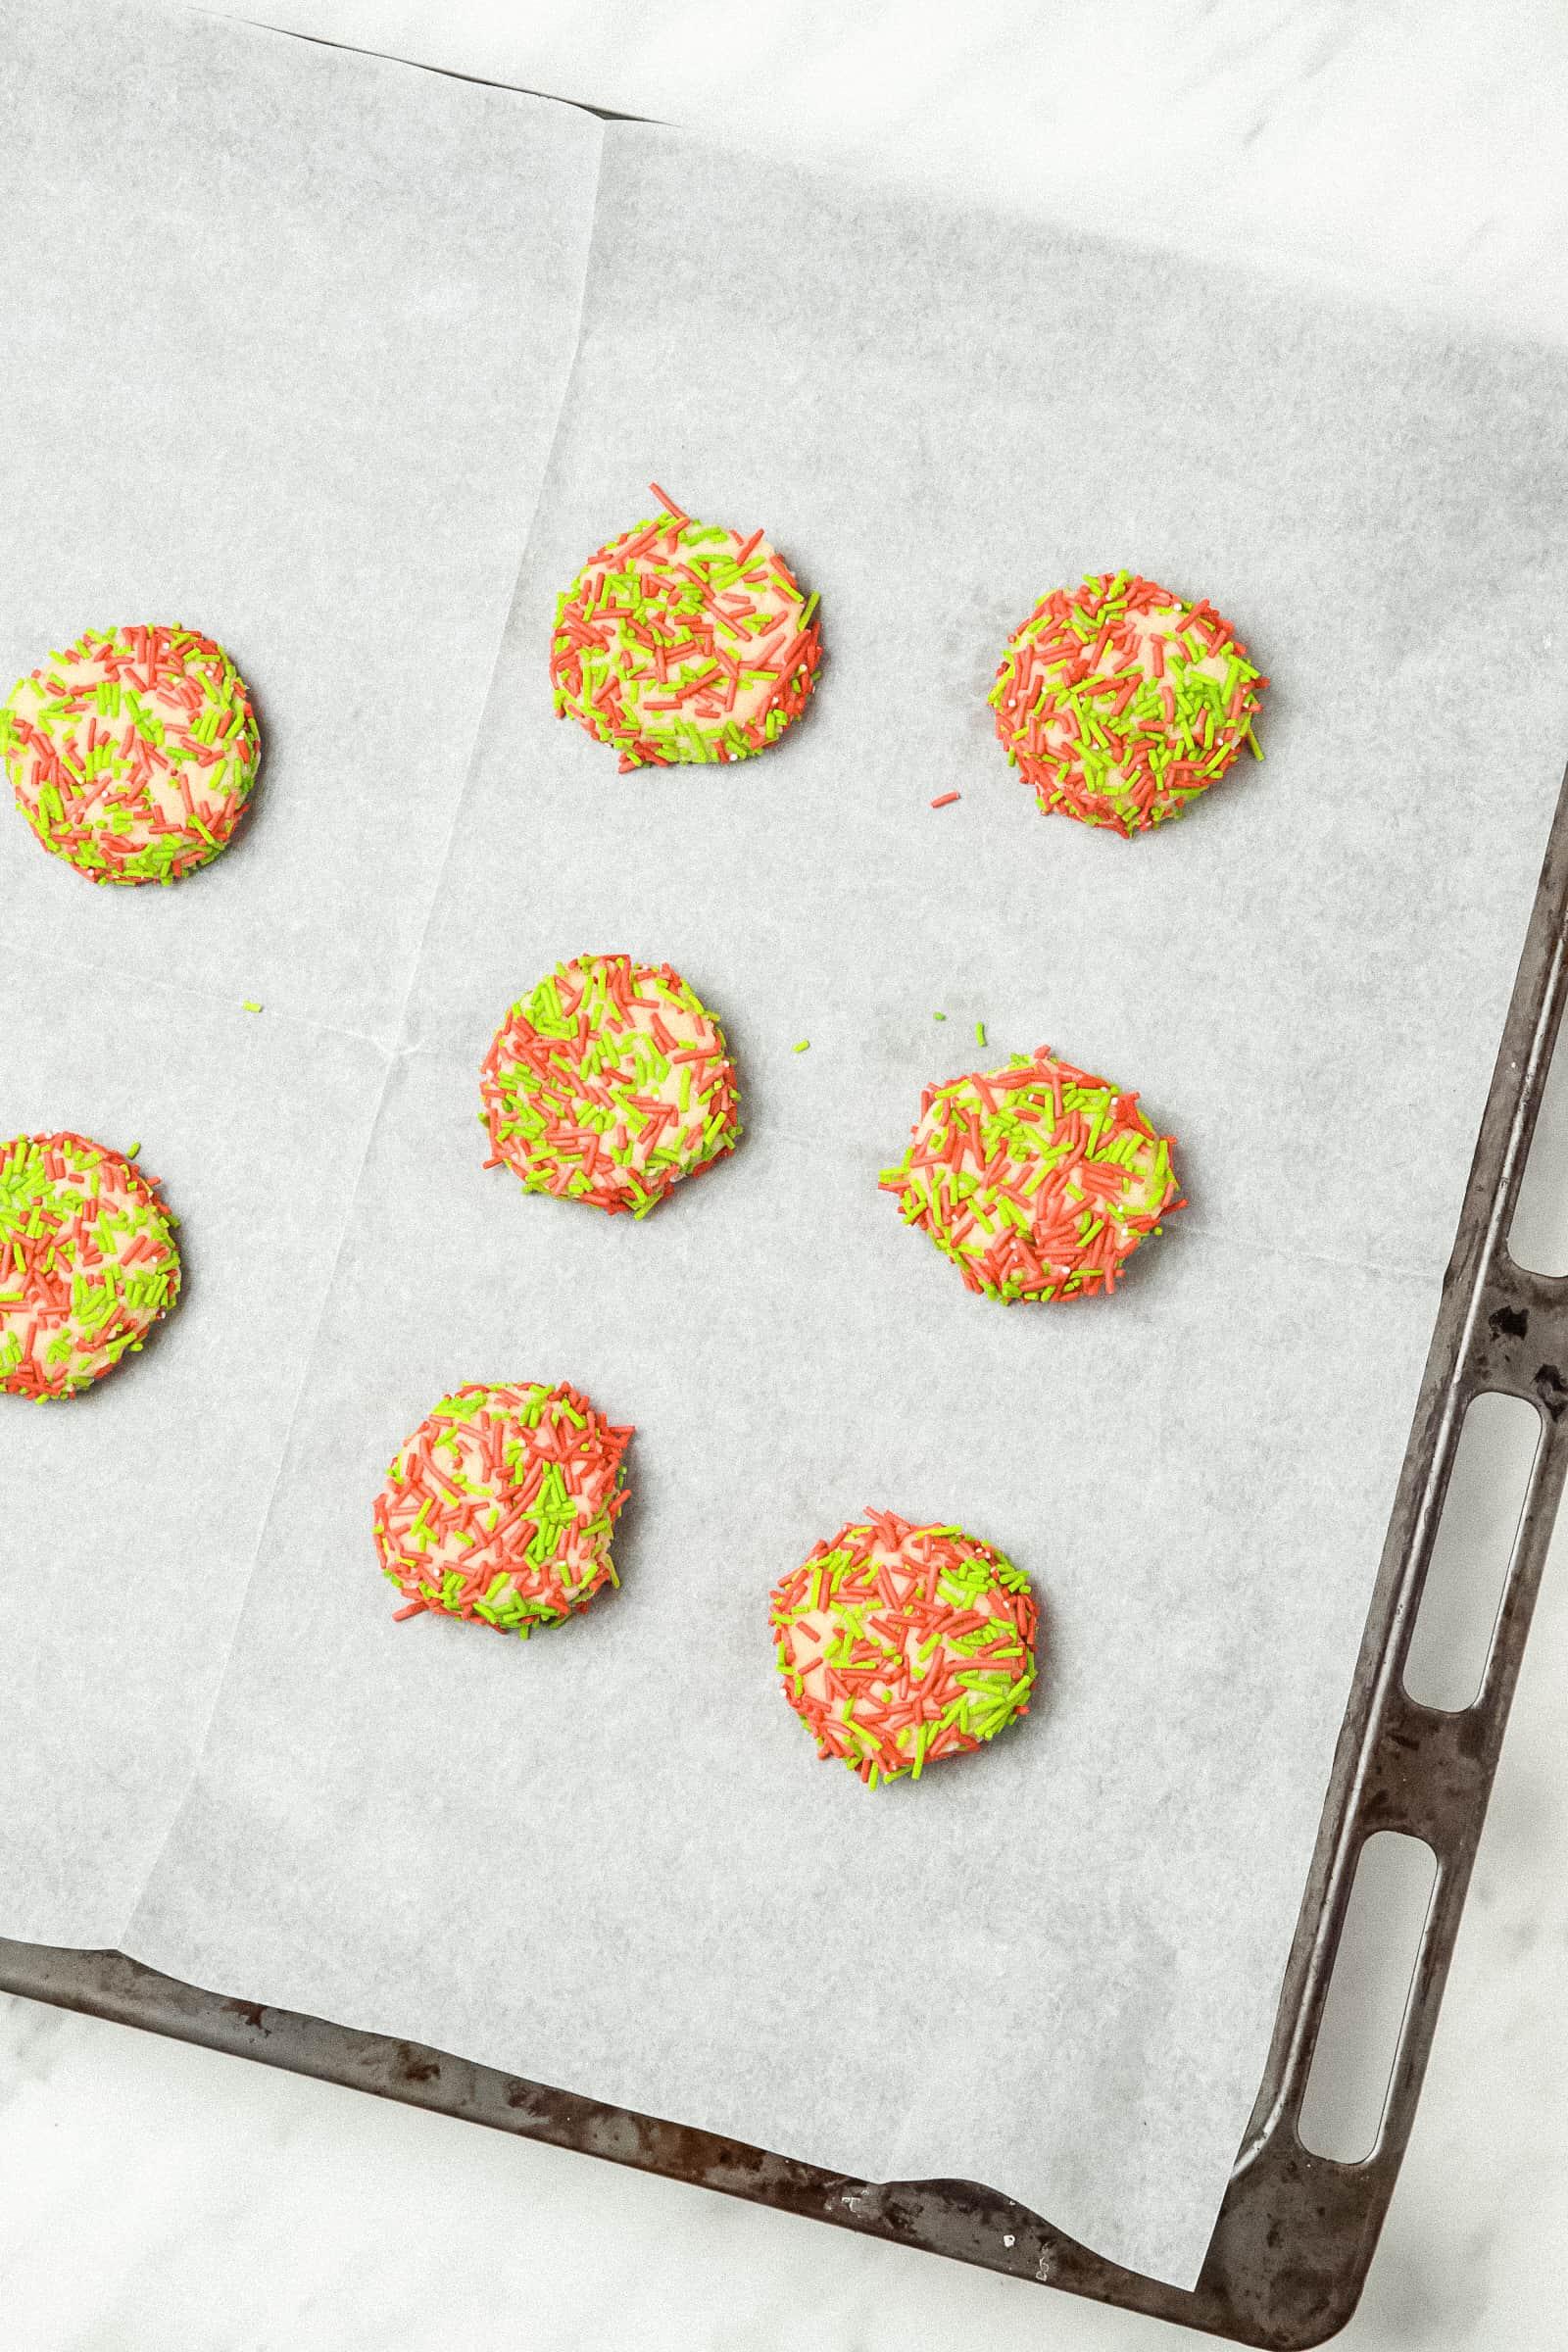 unbaked sprinkle sugar cookies on a baking sheet